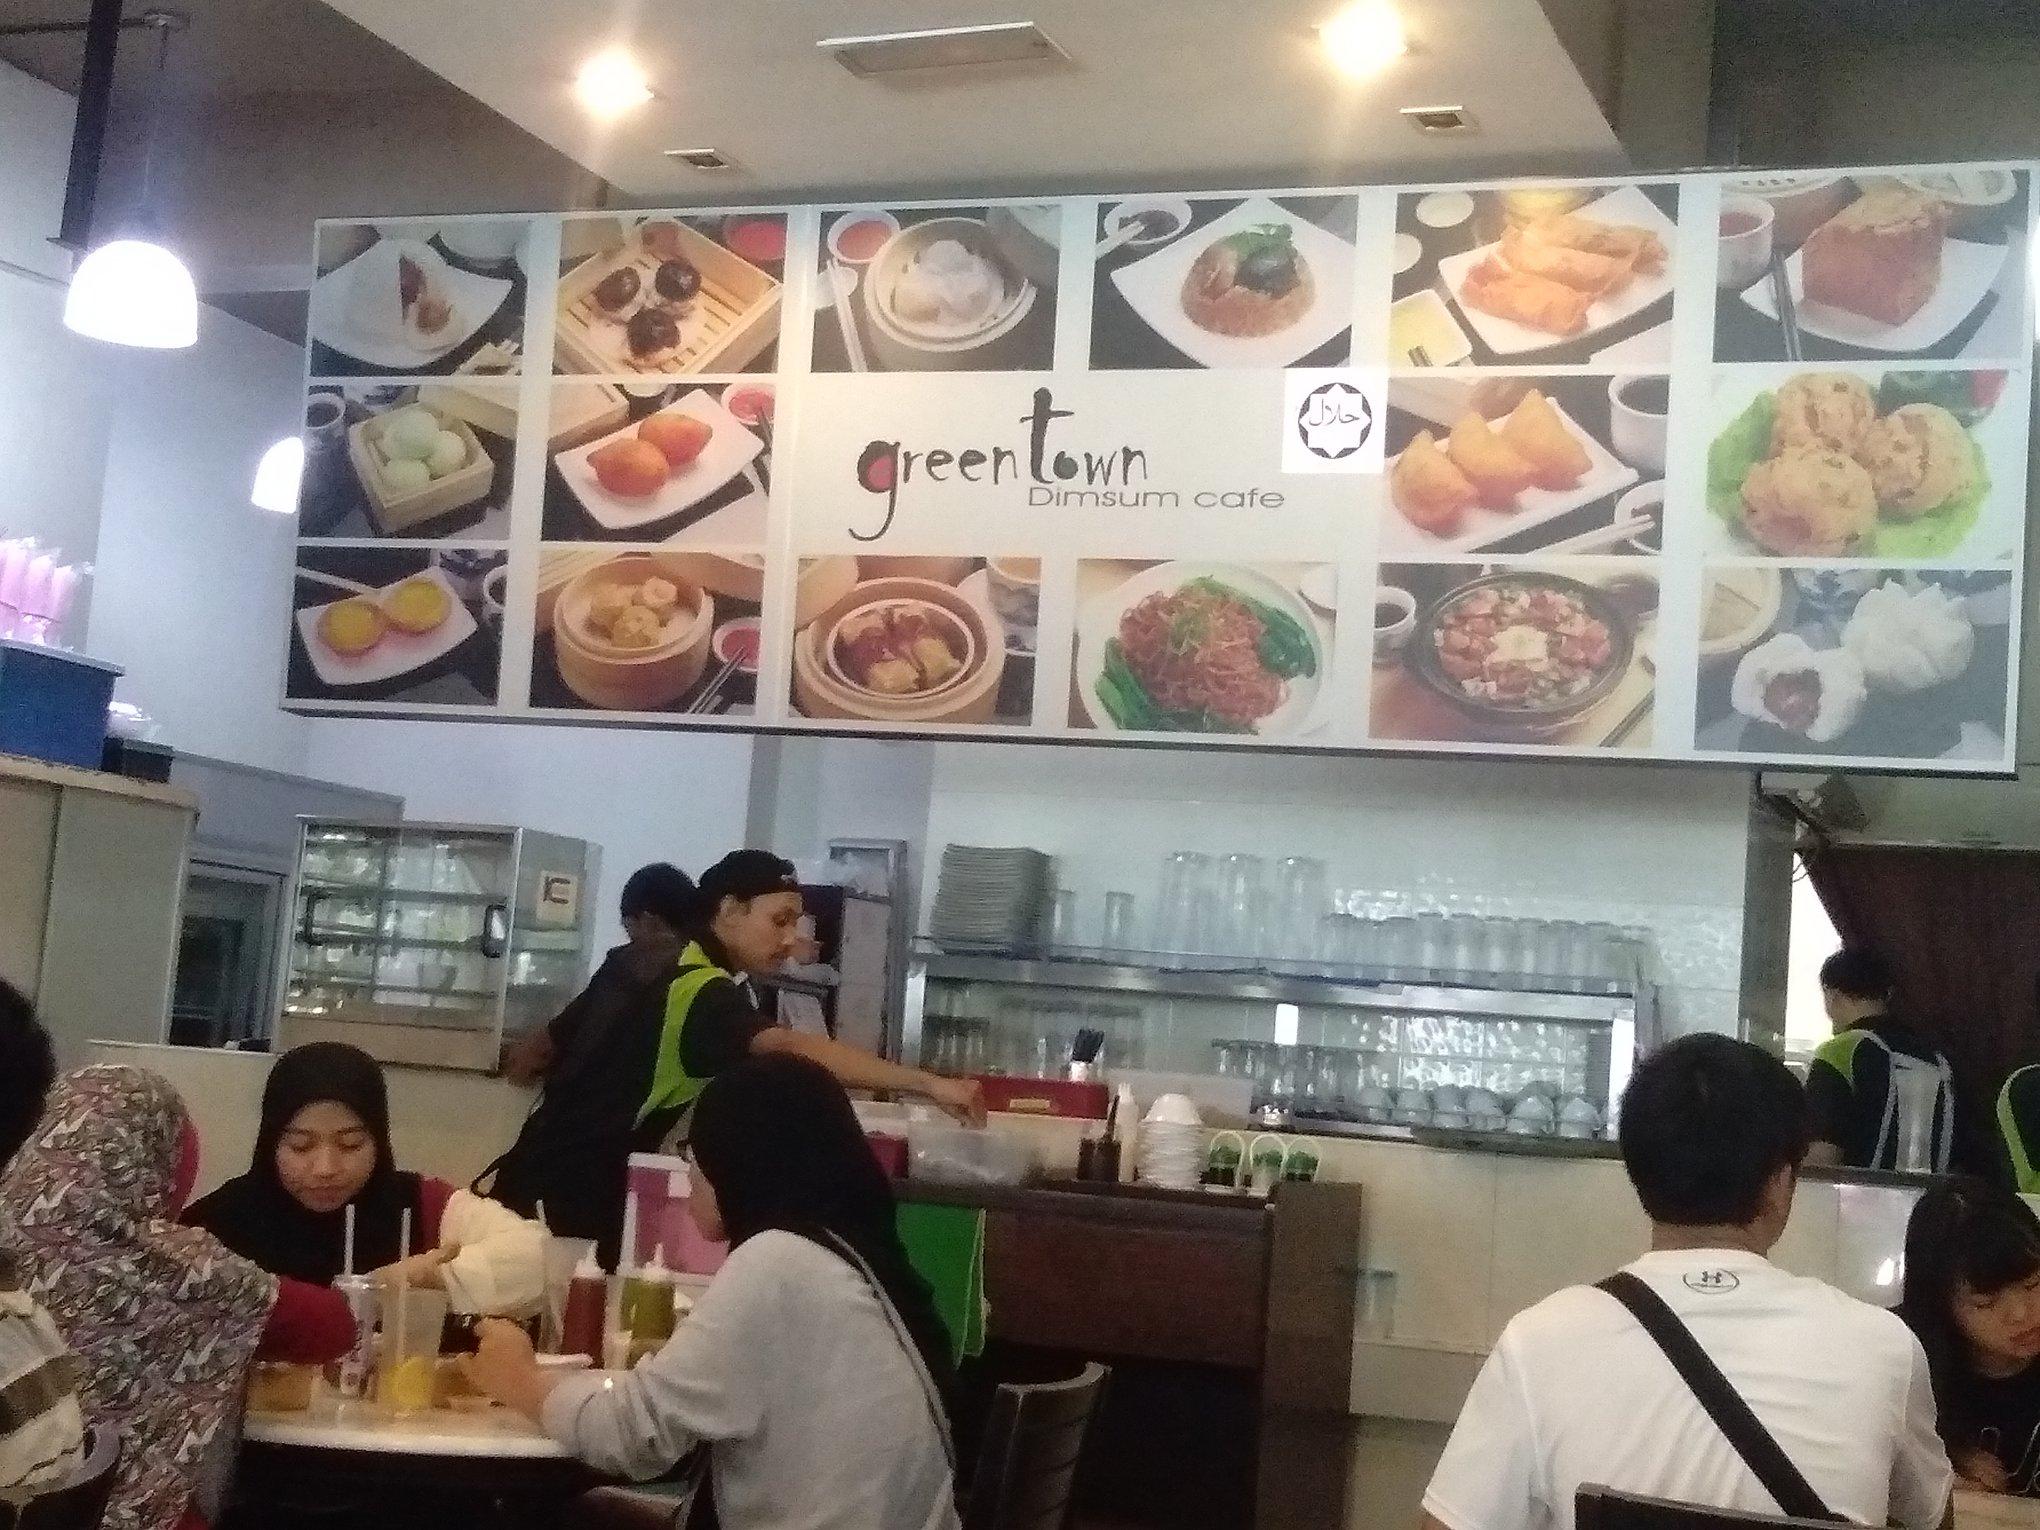 Jalan-Jalan Cari Makan : Dim Sum Cafe Greentown, Ipoh Perak